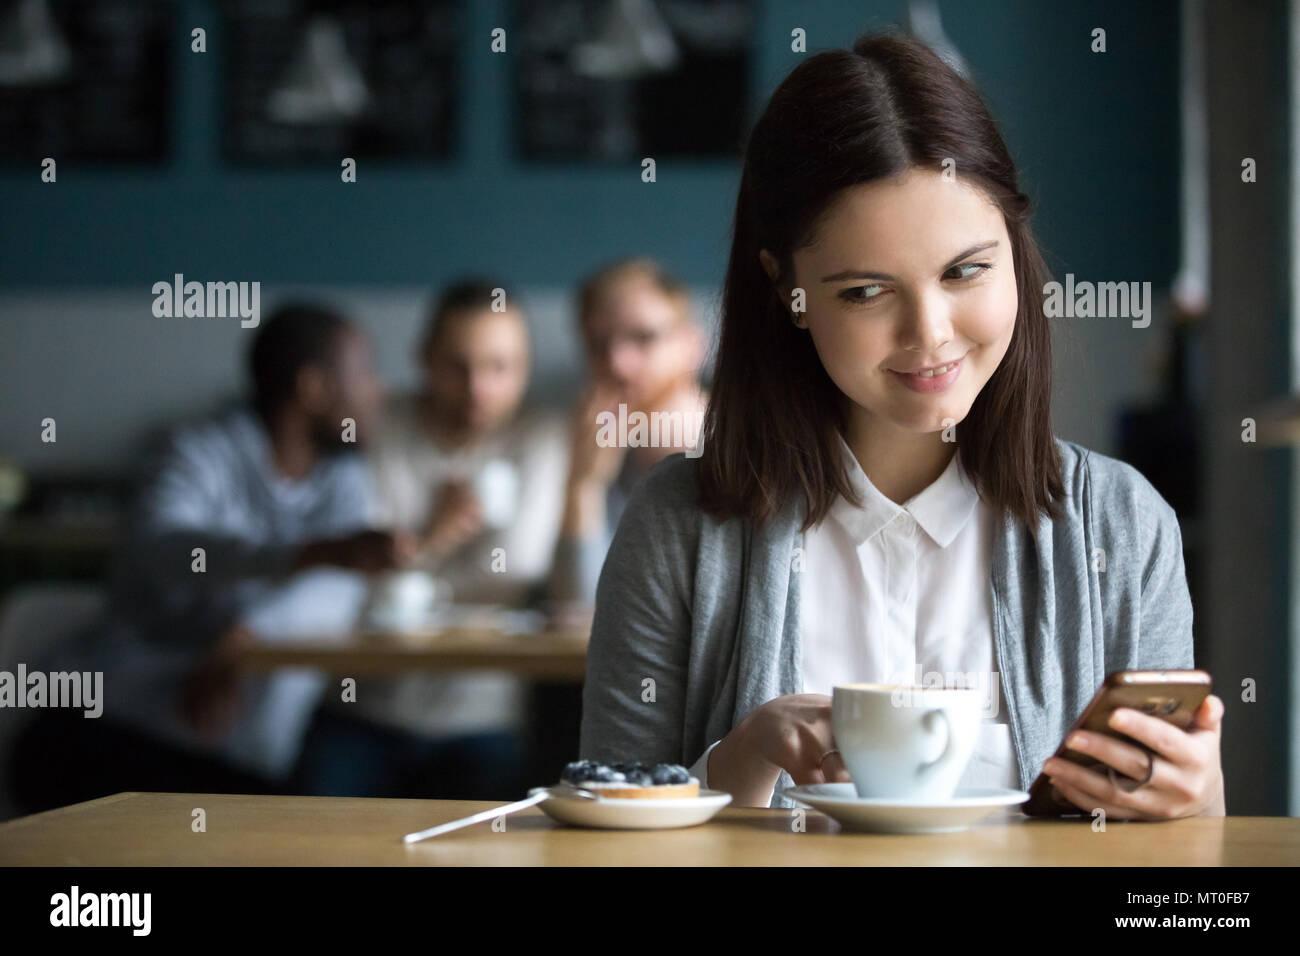 Chica busca en el postre ordenadas por chicos coquetear en cafe Imagen De Stock